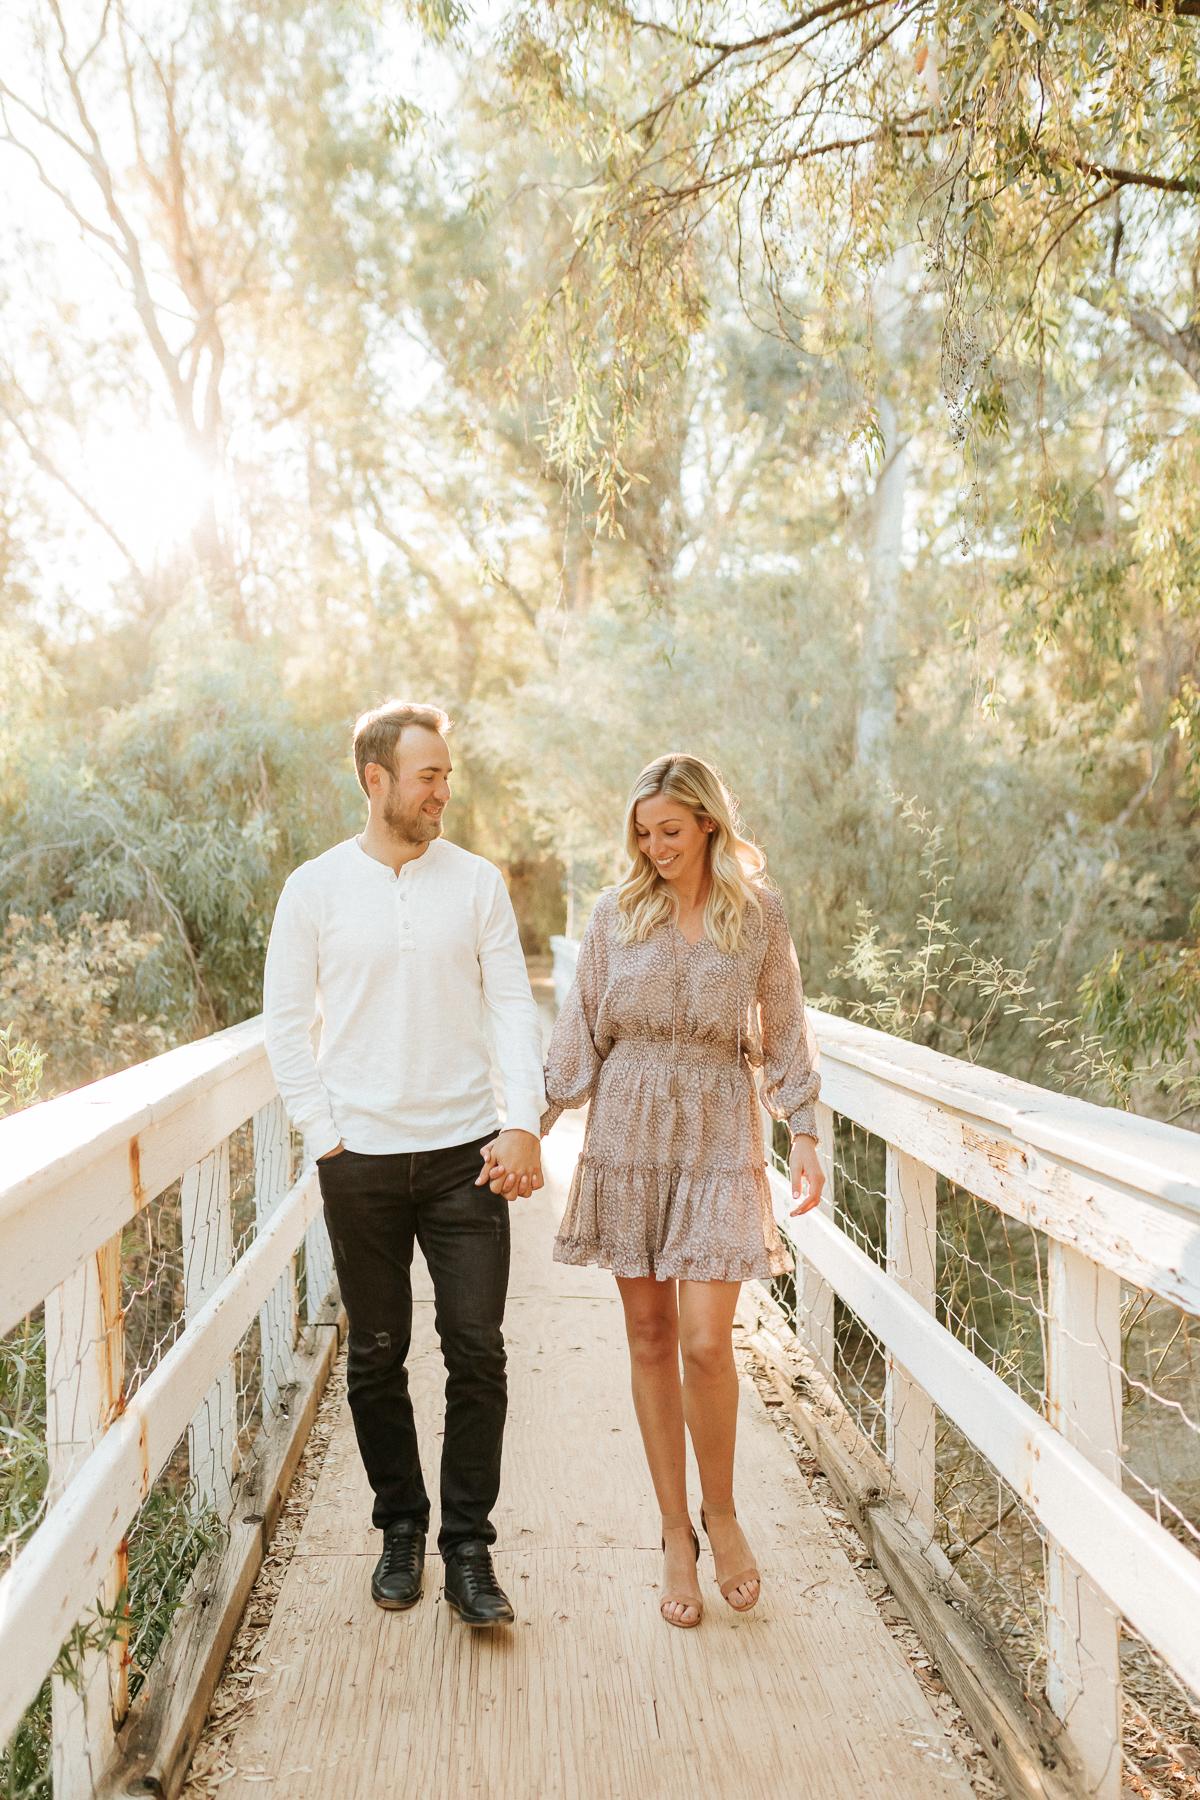 Megan Claire Photography | Arizona Engagement and Wedding Photographer. Playful Engagement Session at Boyce Thompson Arboretum